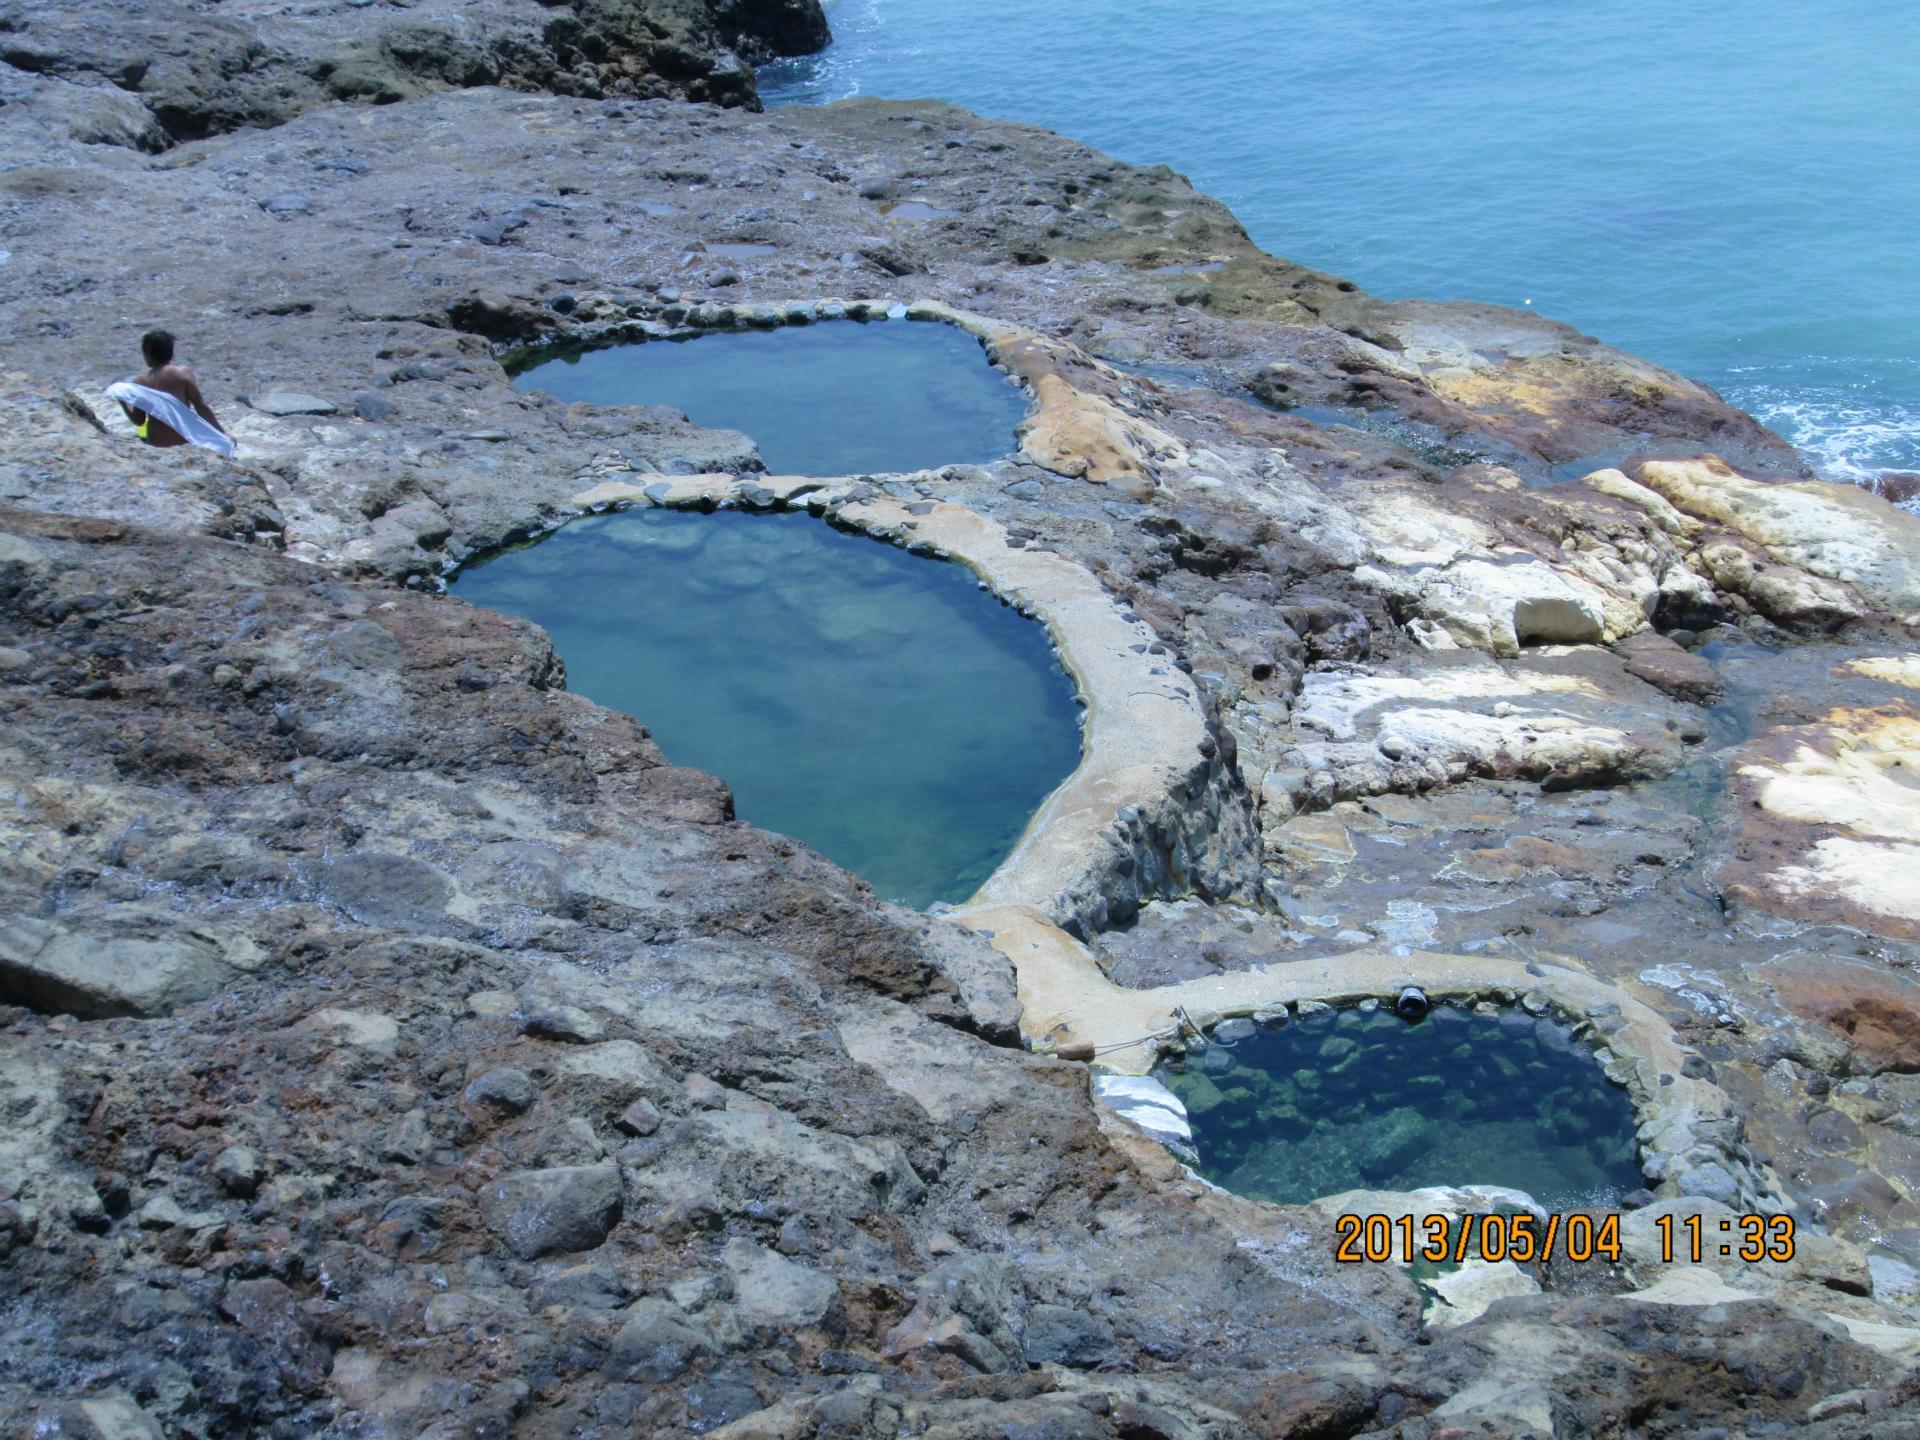 三島村(硫黄島)湯煙の東温泉での運用と観光地 - 黄昏叔父 ...